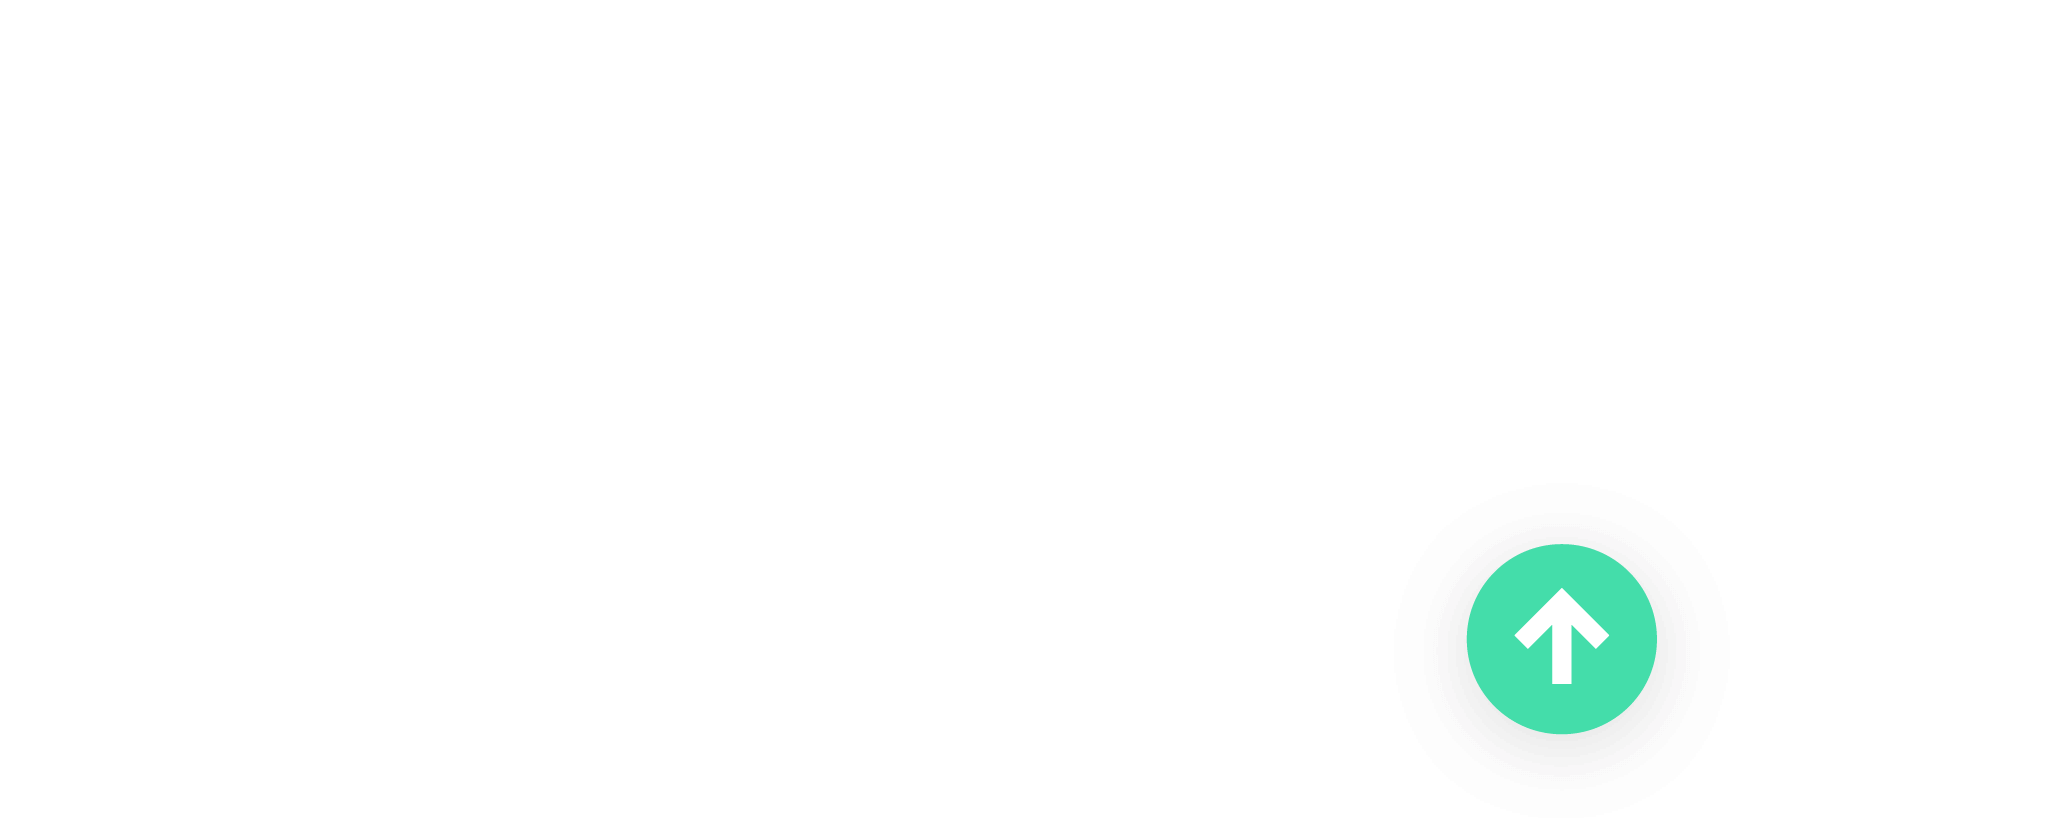 Visual representation icon